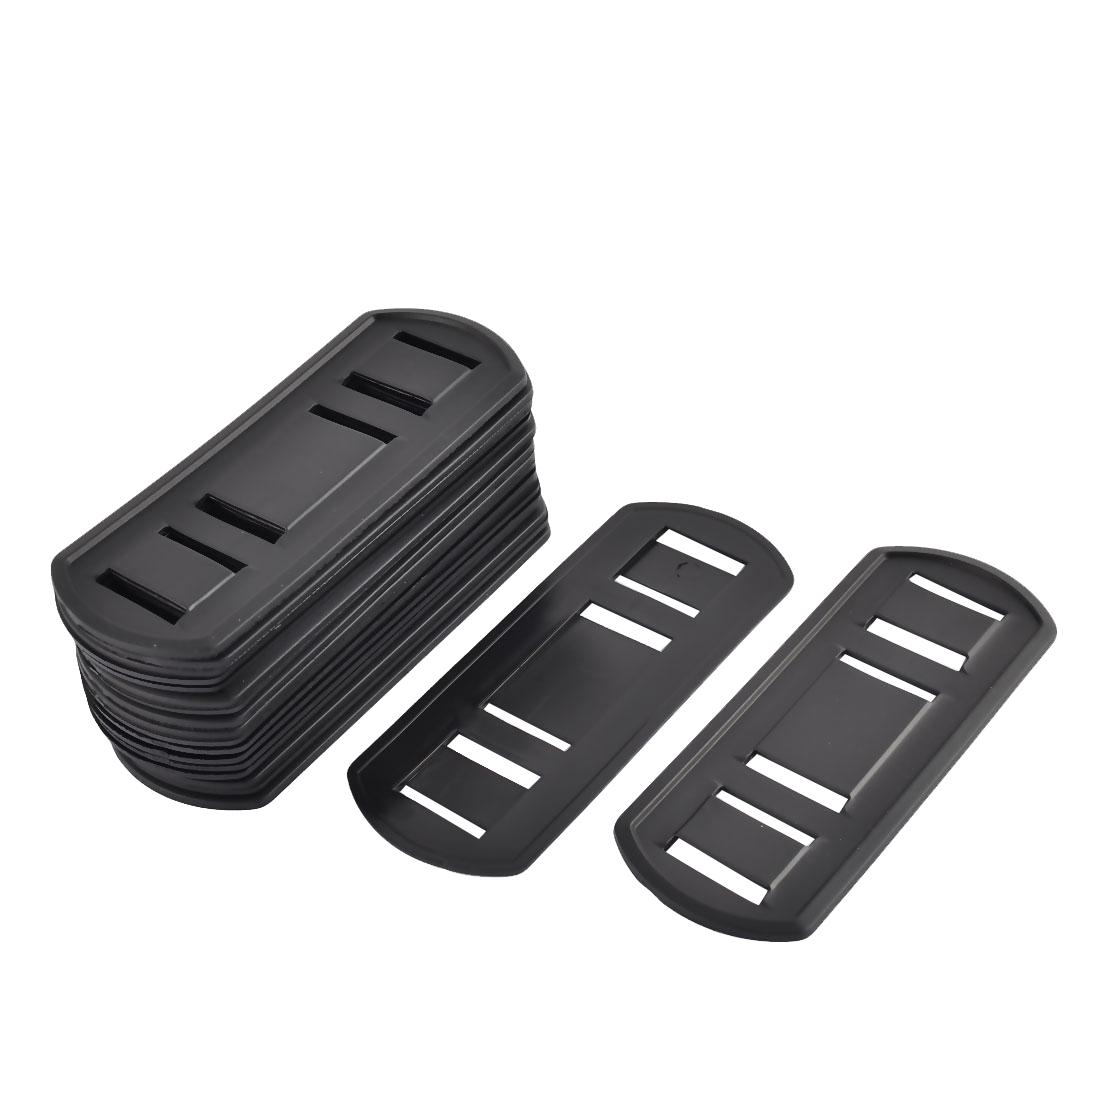 Suitcase Plastic Anti-slip Replacement Shoulder Bag Strap Pads Black 20pcs